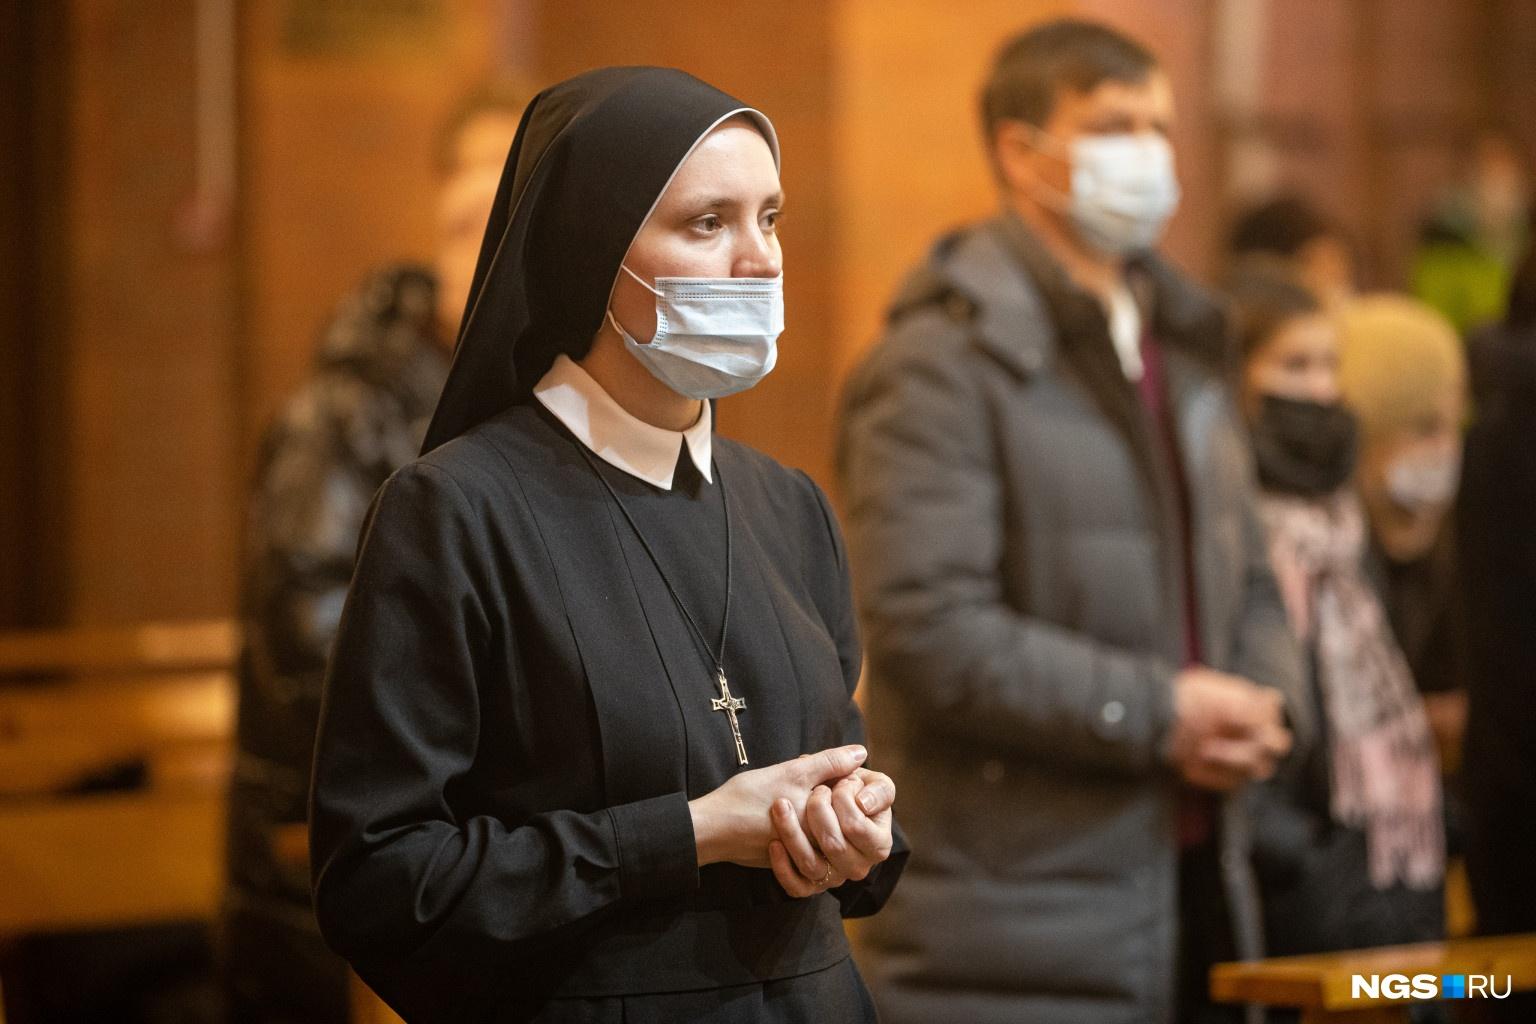 И монахини, и прихожане были в масках